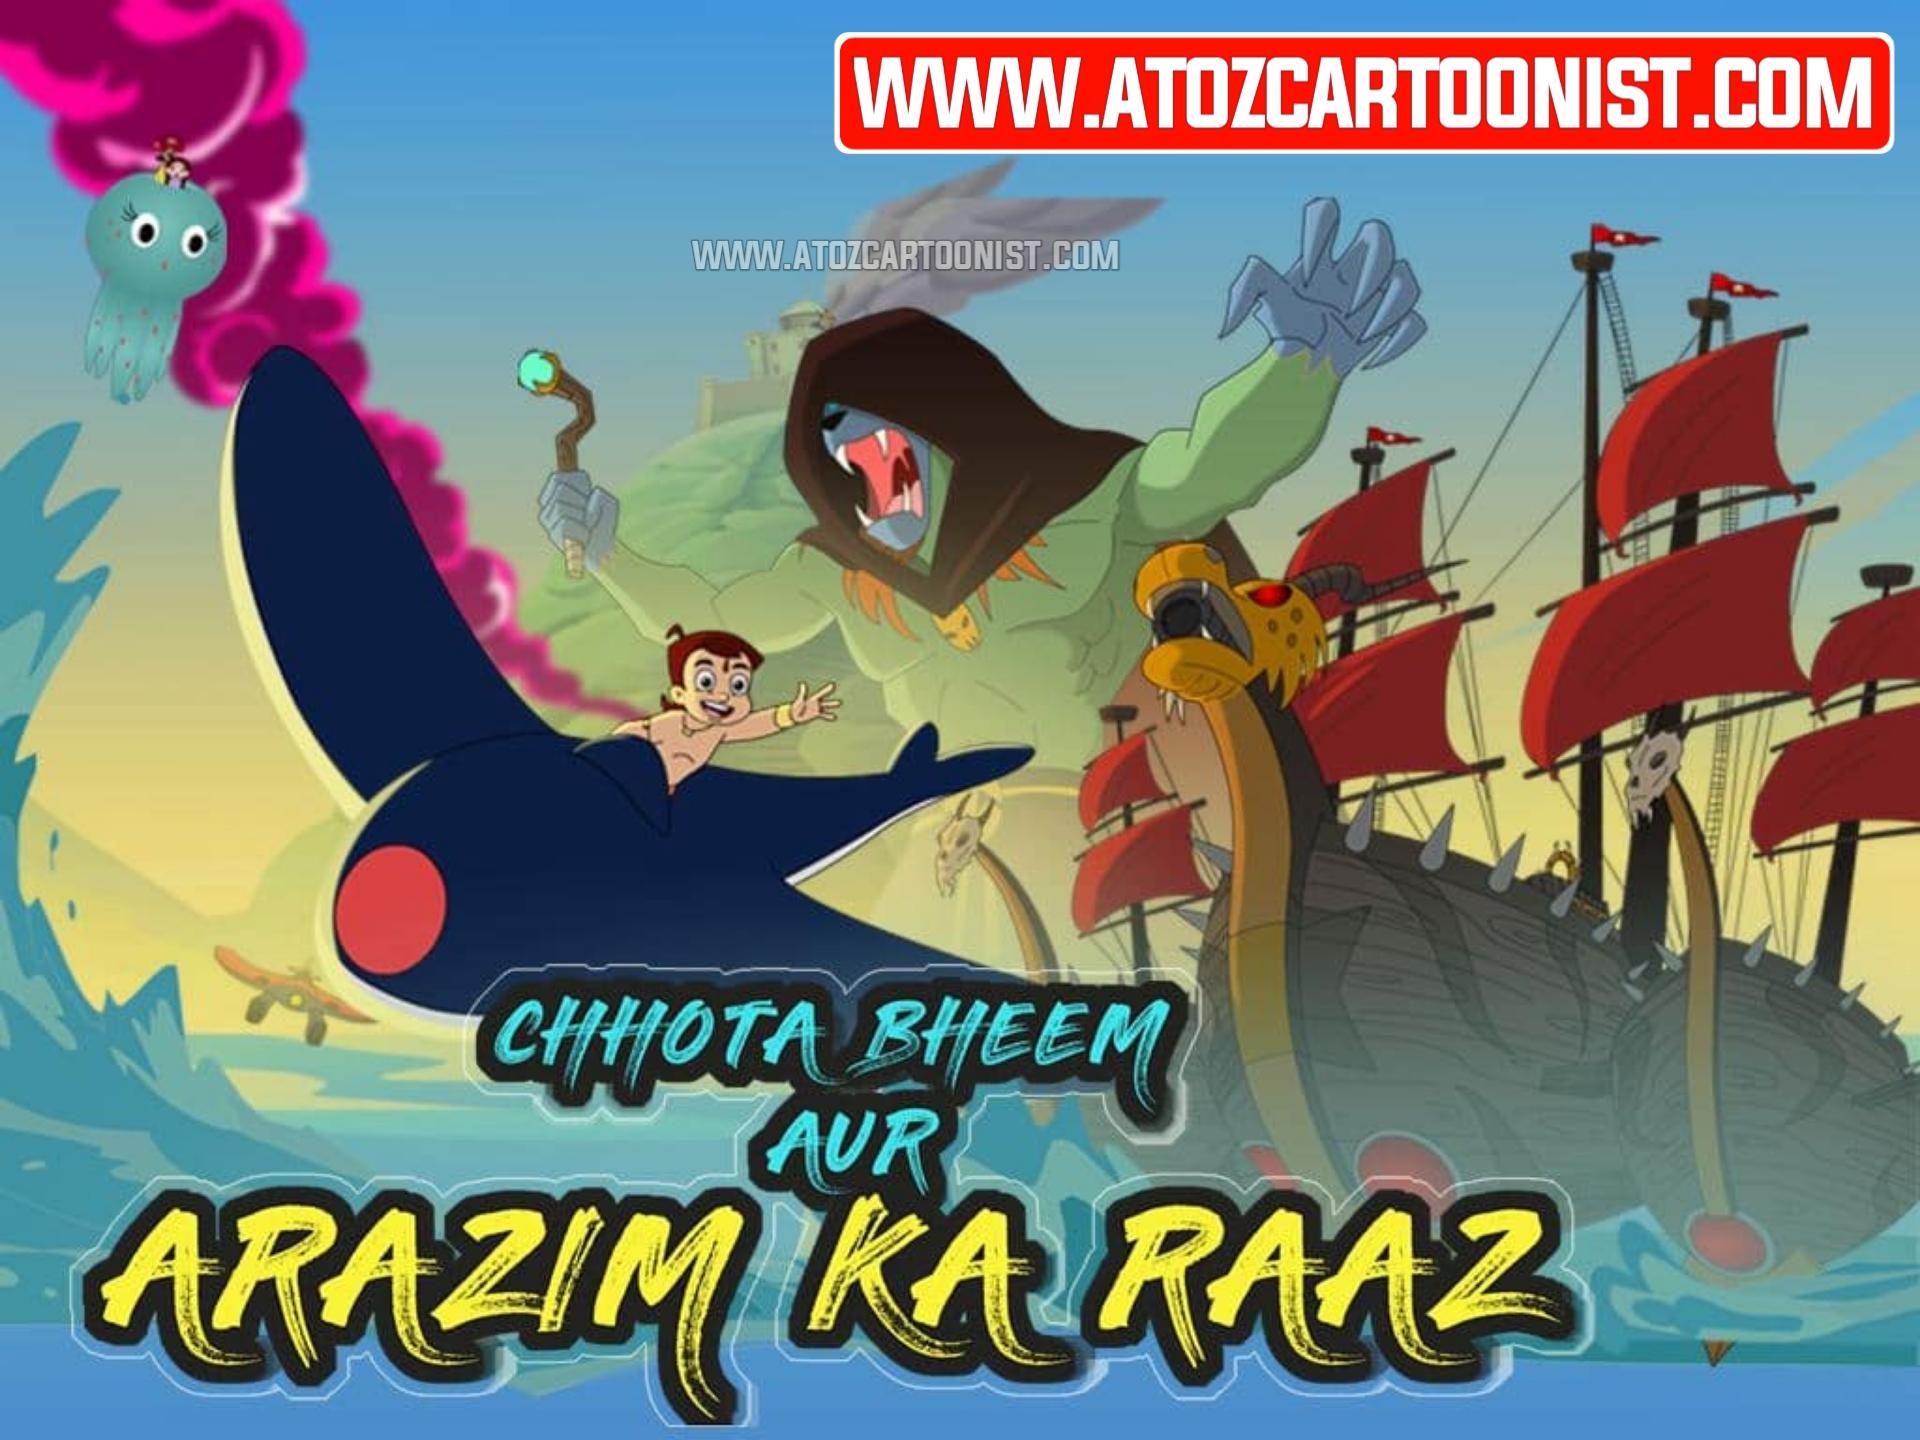 CHHOTA BHEEM AUR ARAZIM KA RAAZ FULL MOVIE IN HINDI & TAMIL DOWNLOAD (480P, 720P & 1080P)